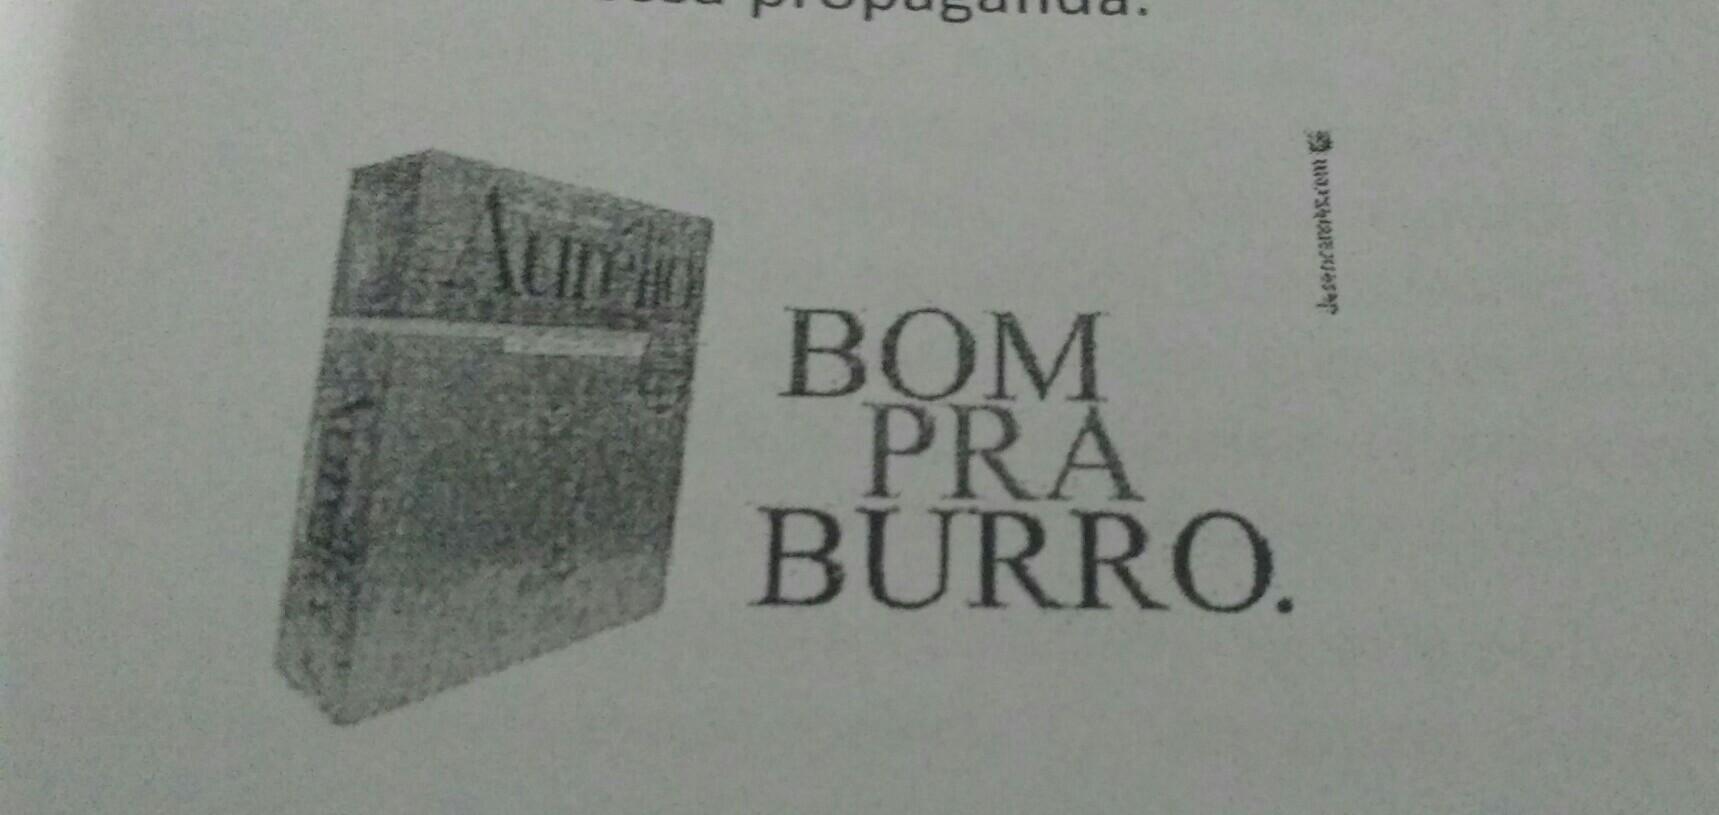 AURELIO FREE DICIONARIO BAIXAR